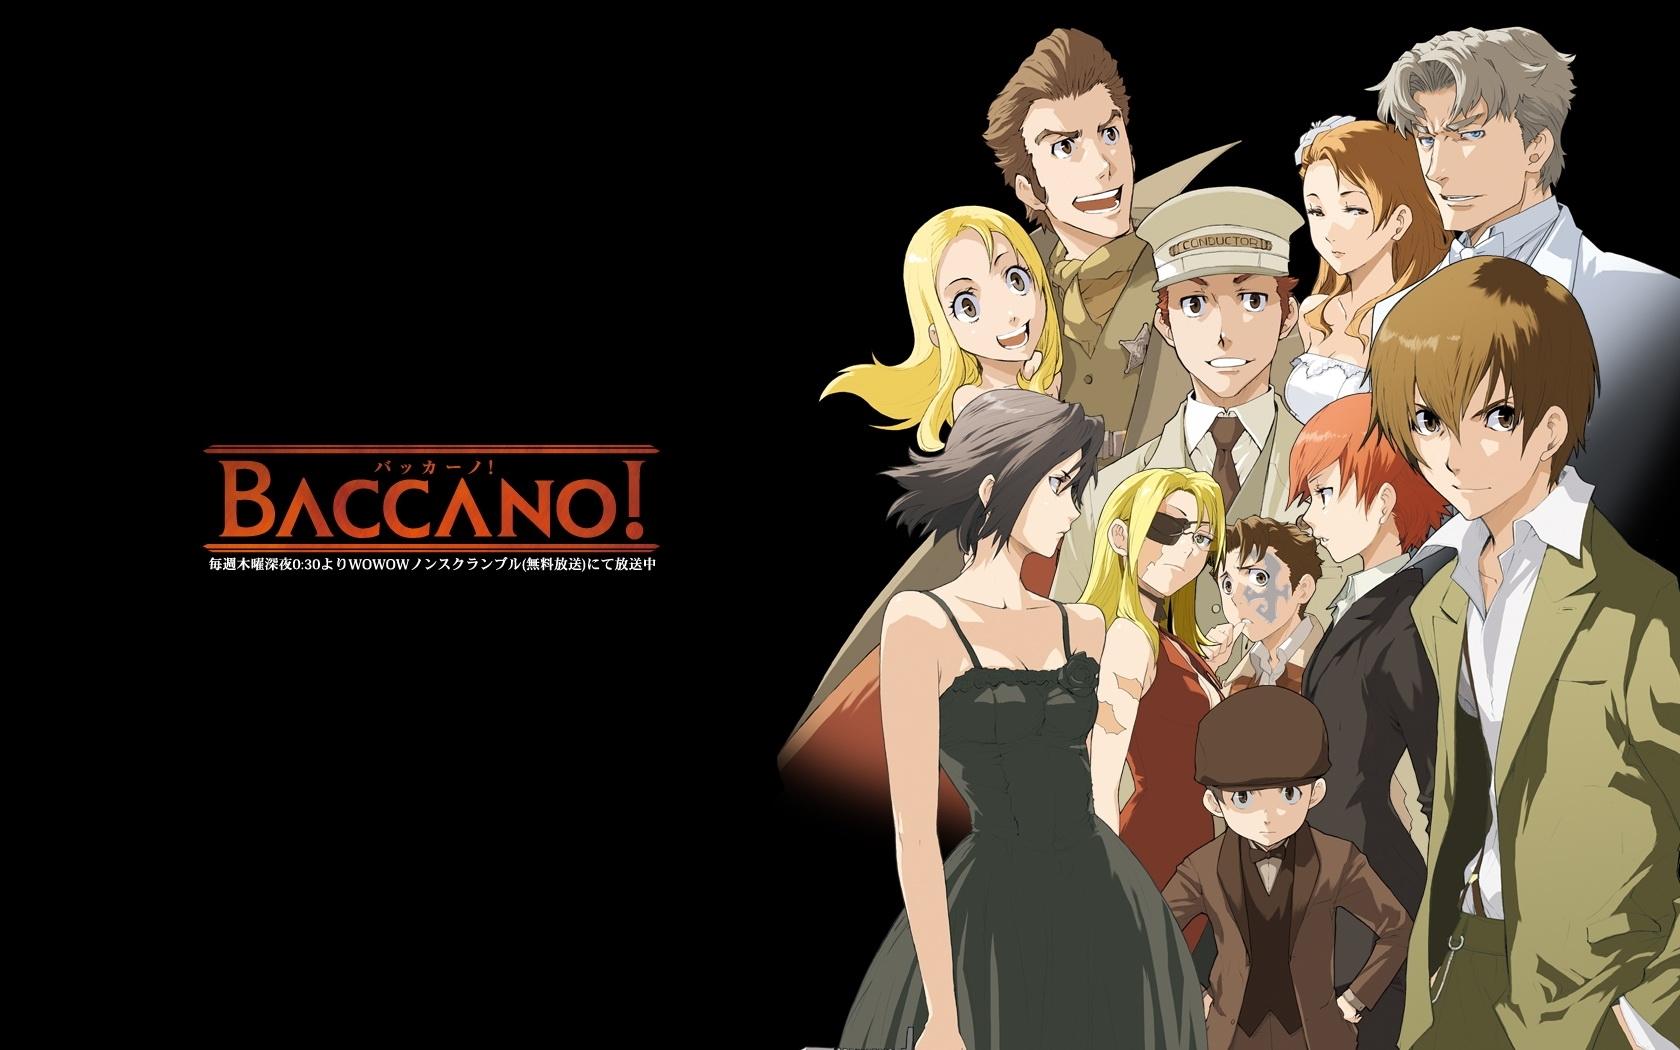 Kết quả hình ảnh cho Baccano!